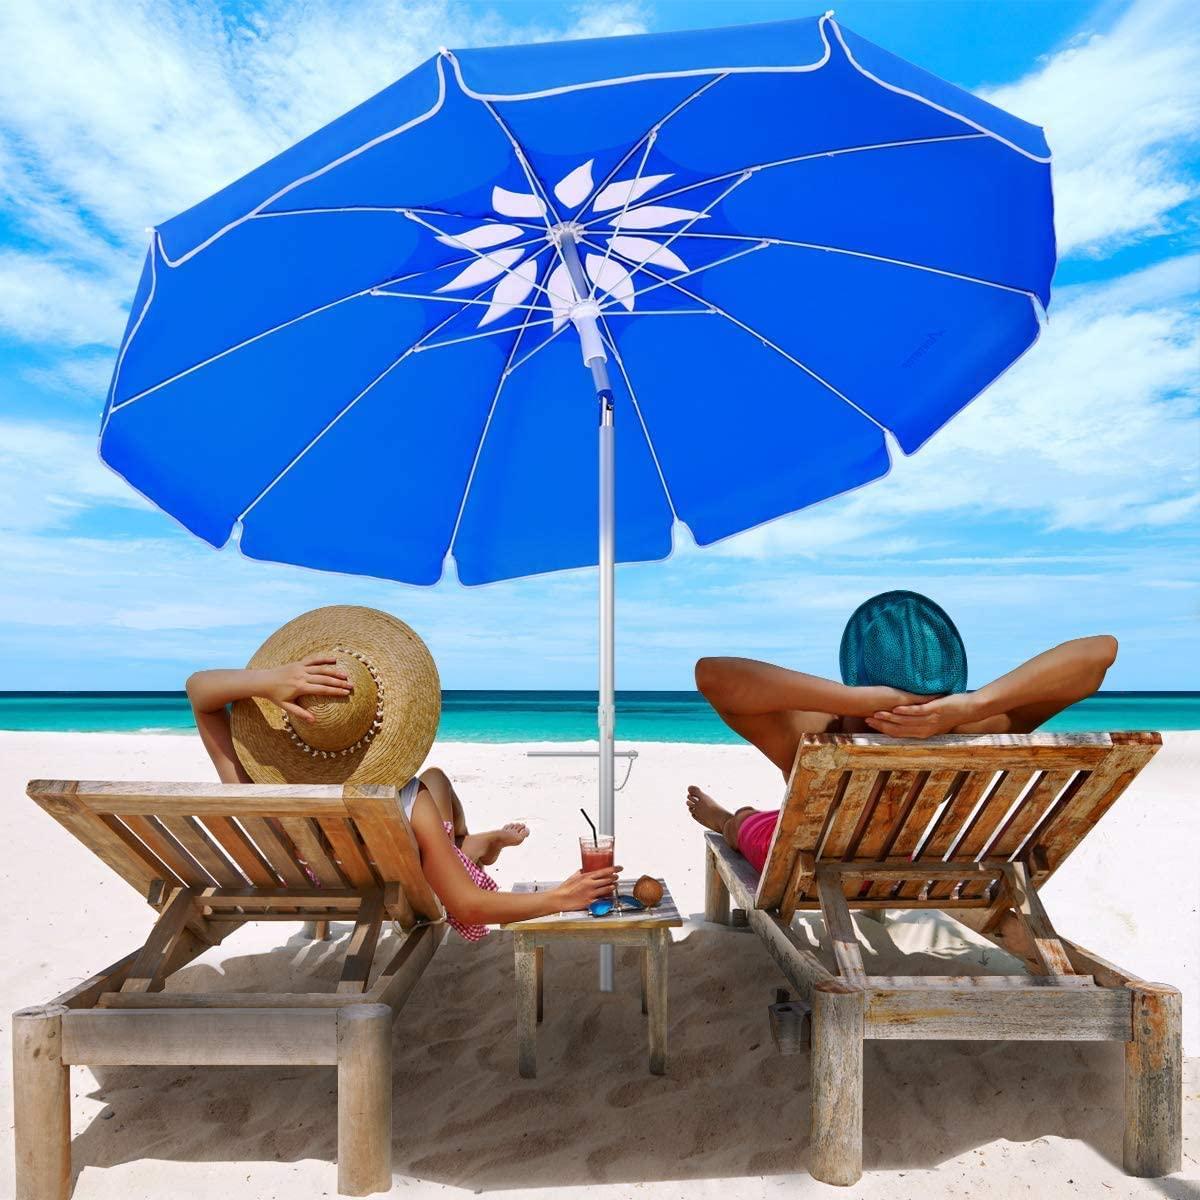 MOVTOTOP Beach Umbrella UV 50+, 6.5ft Umbrella with Sand Anchor & Tilt Aluminum Pole, Portable Beach Umbrella with Carry Bag for Beach Patio Garden Outdoor